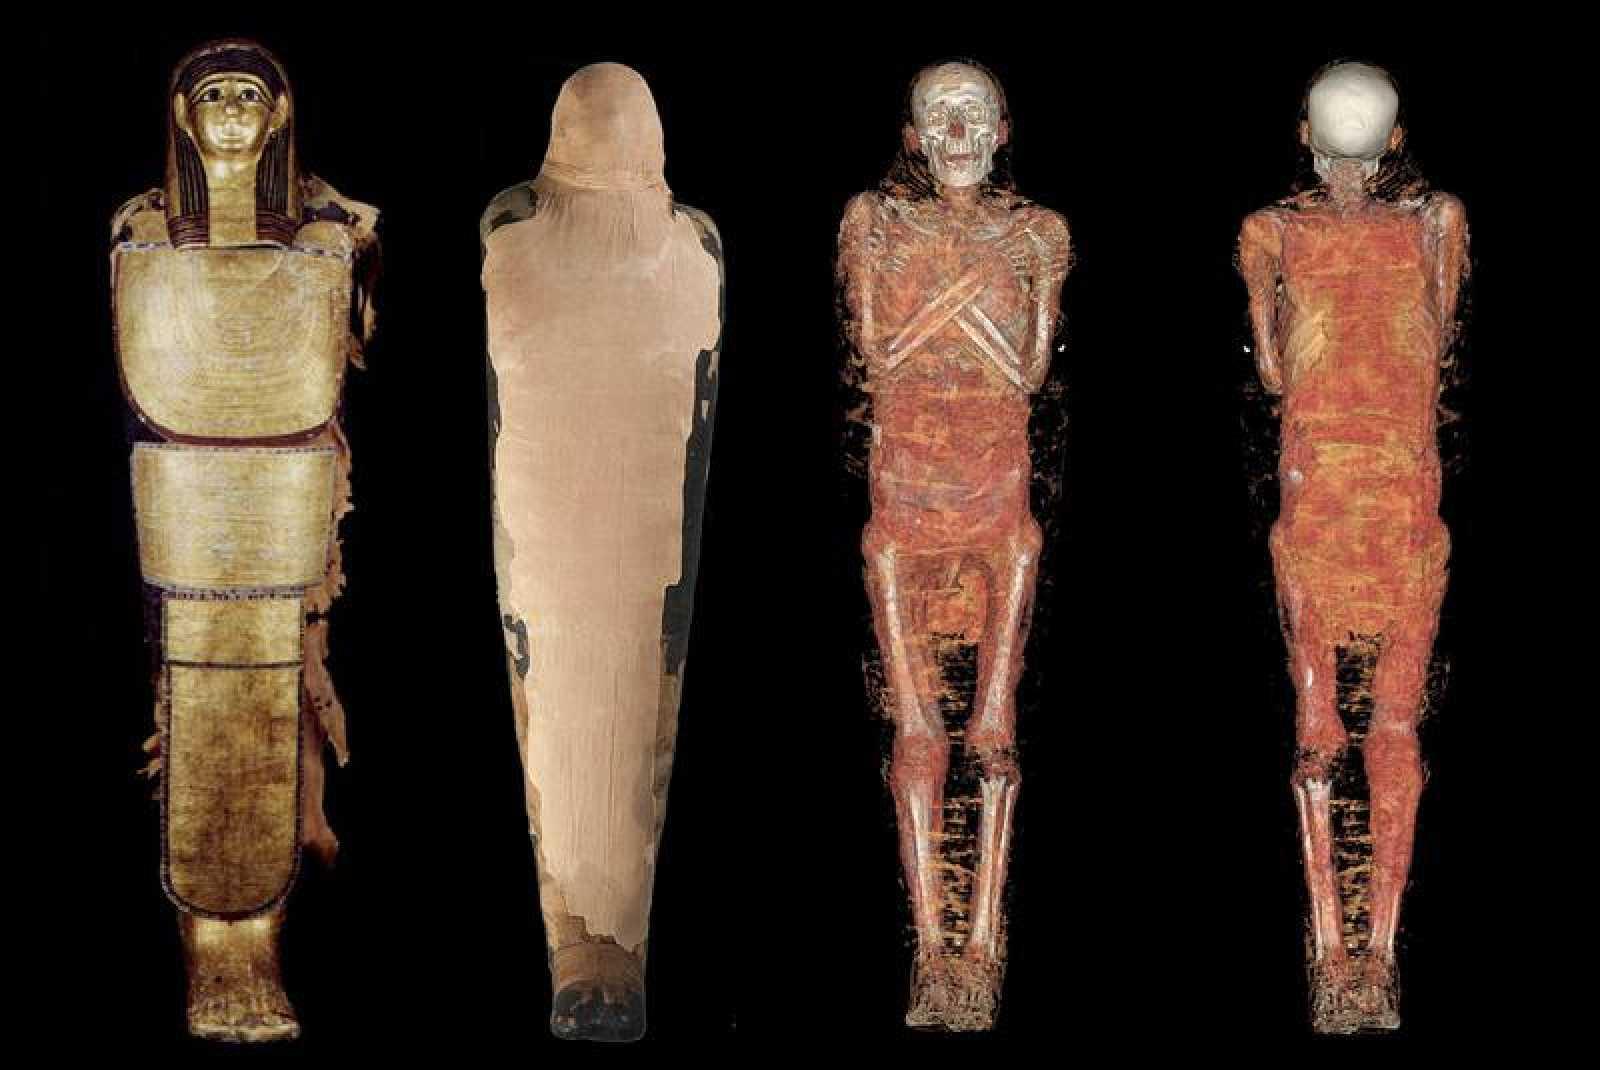 El documental muestra la hisoria más desconcida de las momias  del Antigup Egipto. En imagen, la reconstrucción tridimensional de Nespamedu